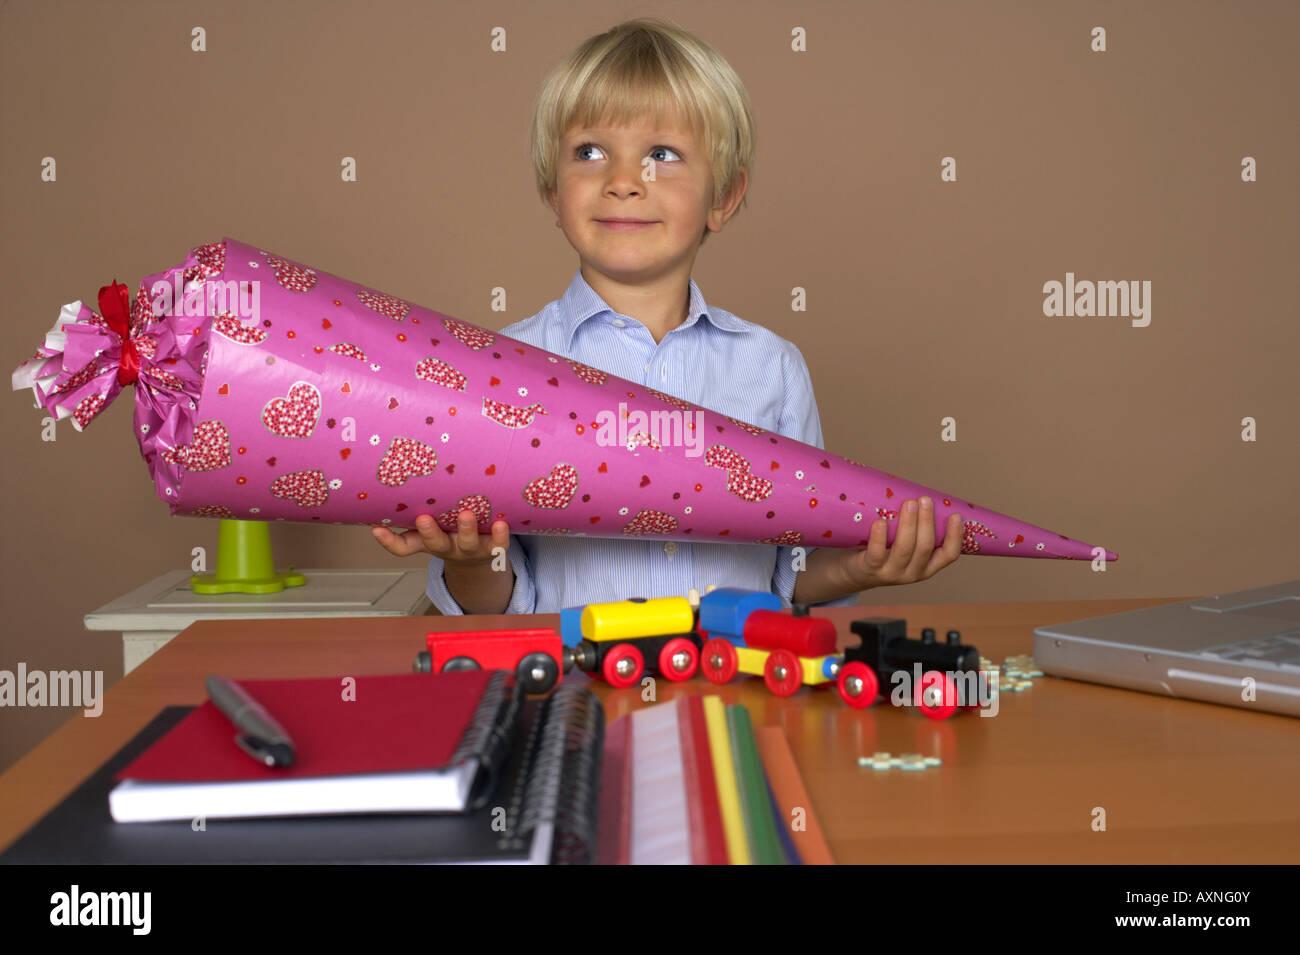 Niño (4-5 años) la celebración de un cono decorativo Imagen De Stock